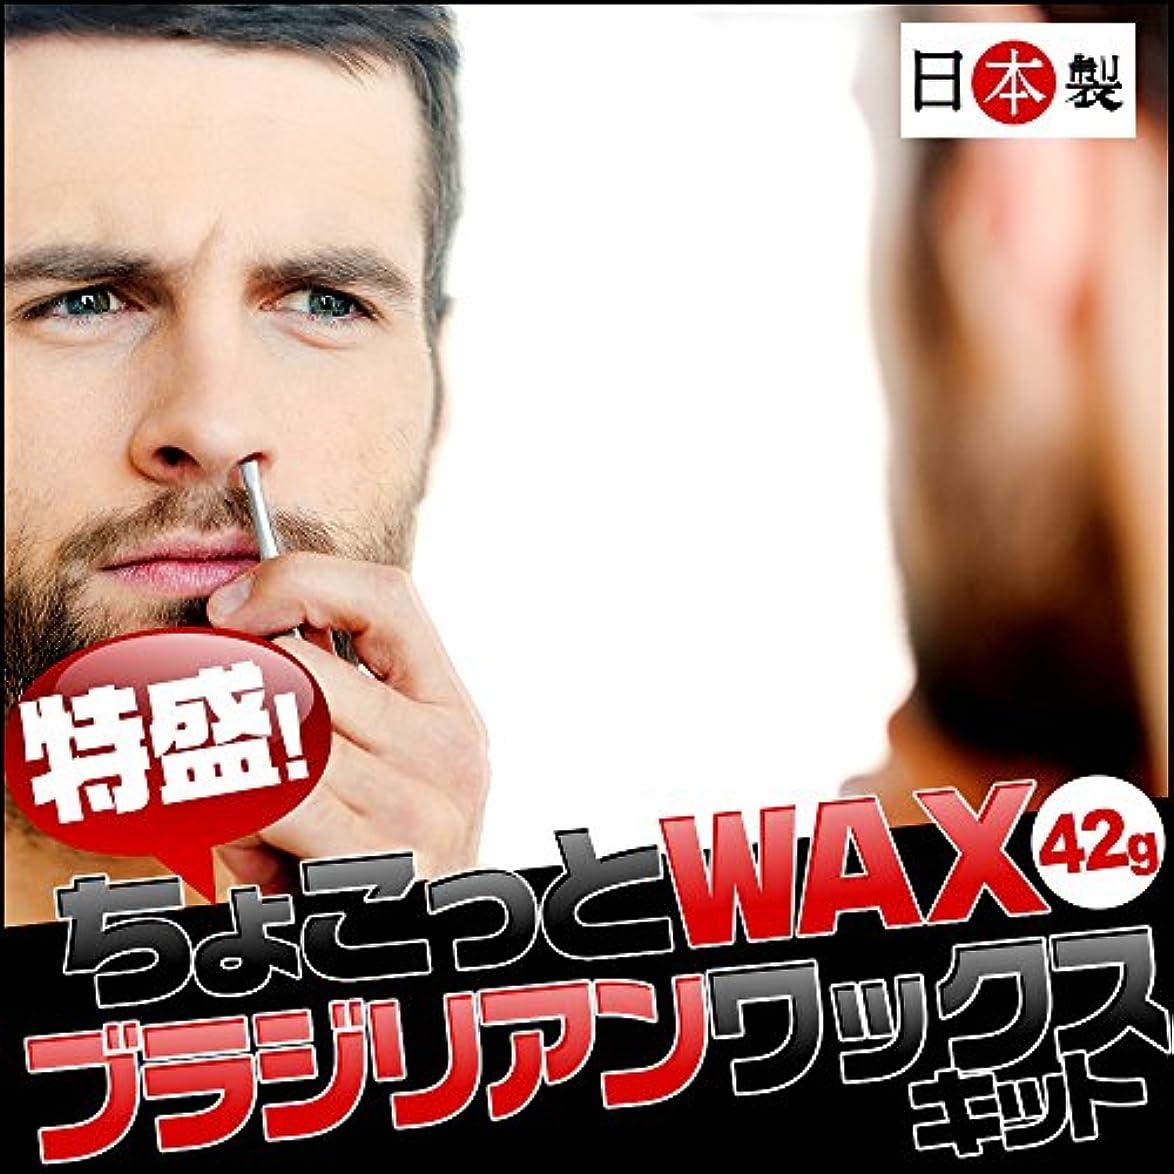 囲まれた良心的階日本製ワックスで安心!鼻毛脱毛  特盛  ちょこっとWax 6回分 (鼻毛スティック6本+脱毛スパチュラ3本)